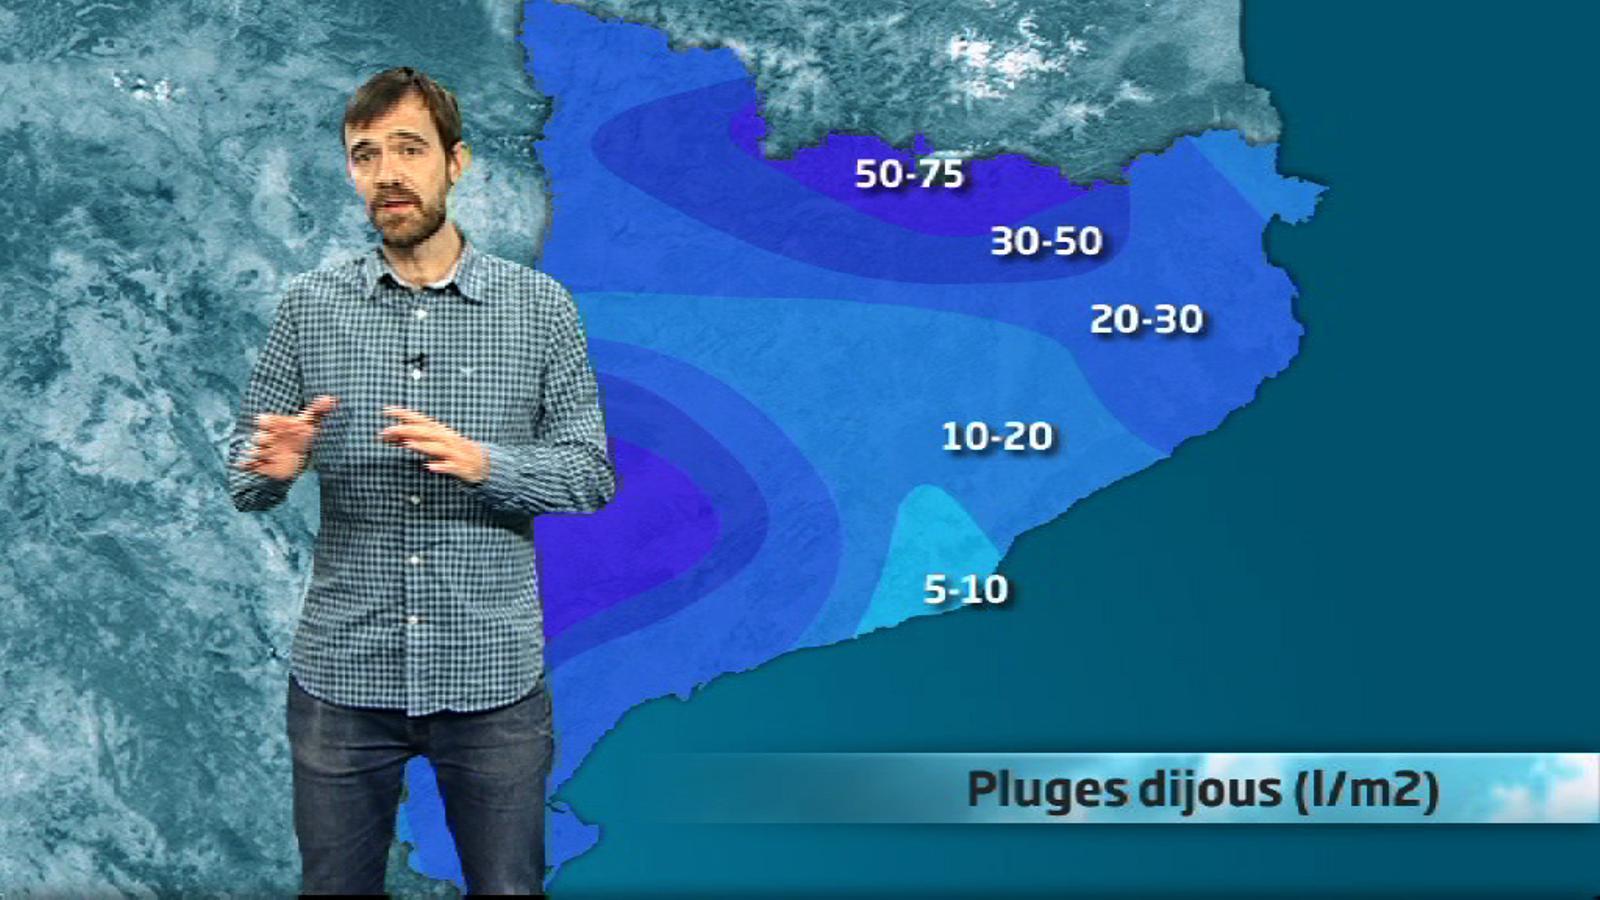 Méteo especial: pluges i mala mar una altra vegada (02/04/2014)